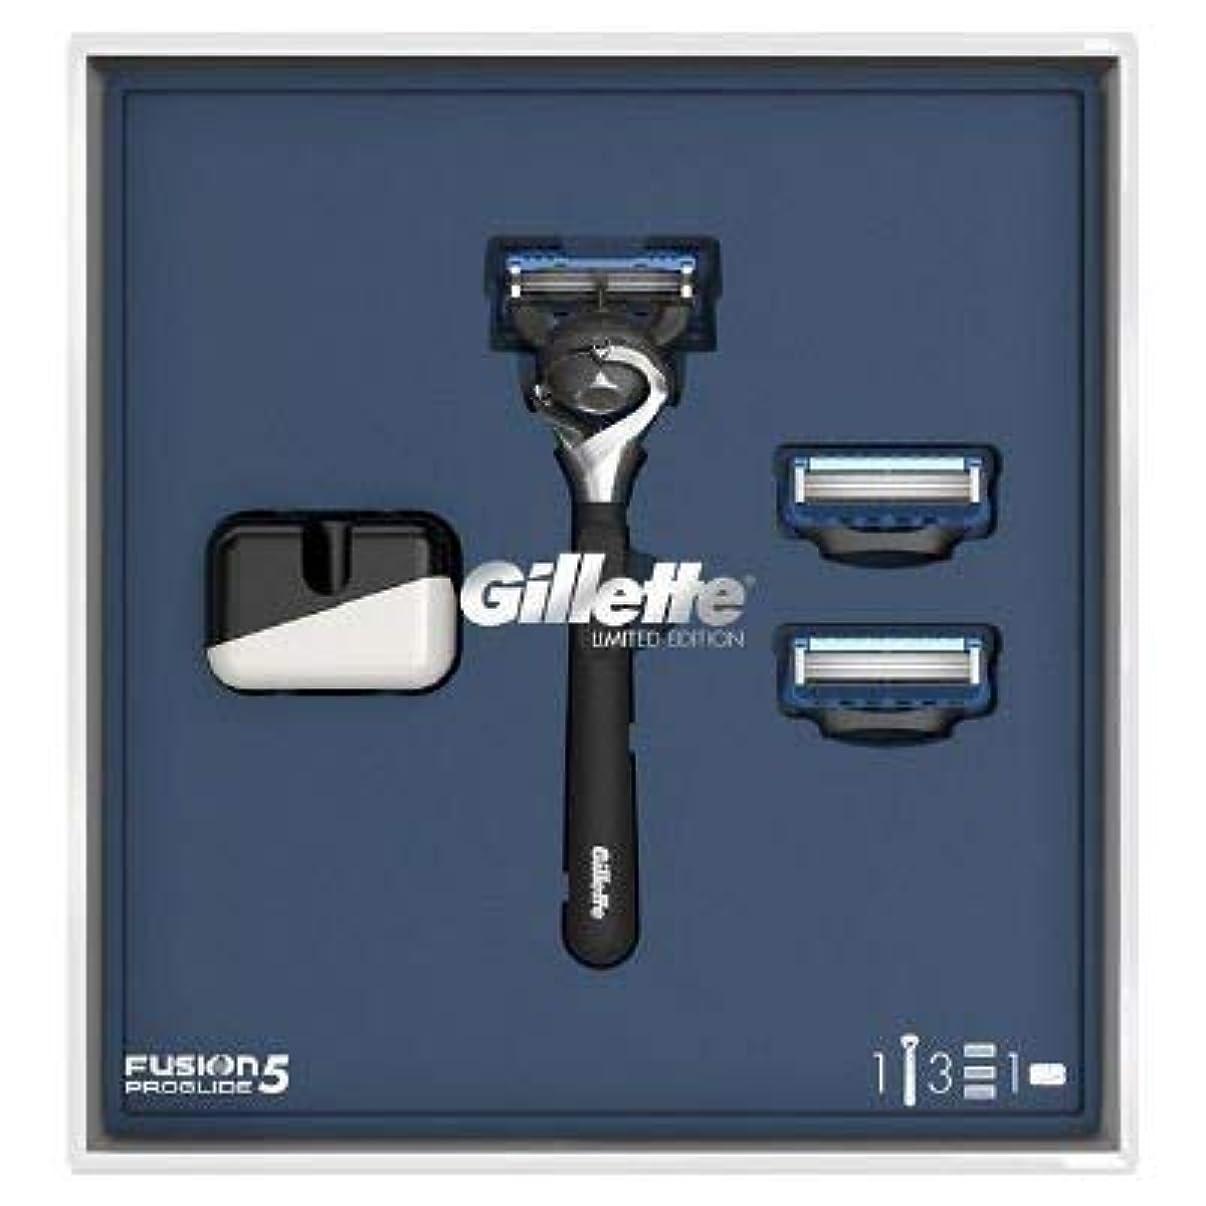 真面目な使い込む師匠(ジレット)Gilette プログライド 髭剃り本体+替刃3個 オリジナルスタンド付き スペシャルパッケージ P&G